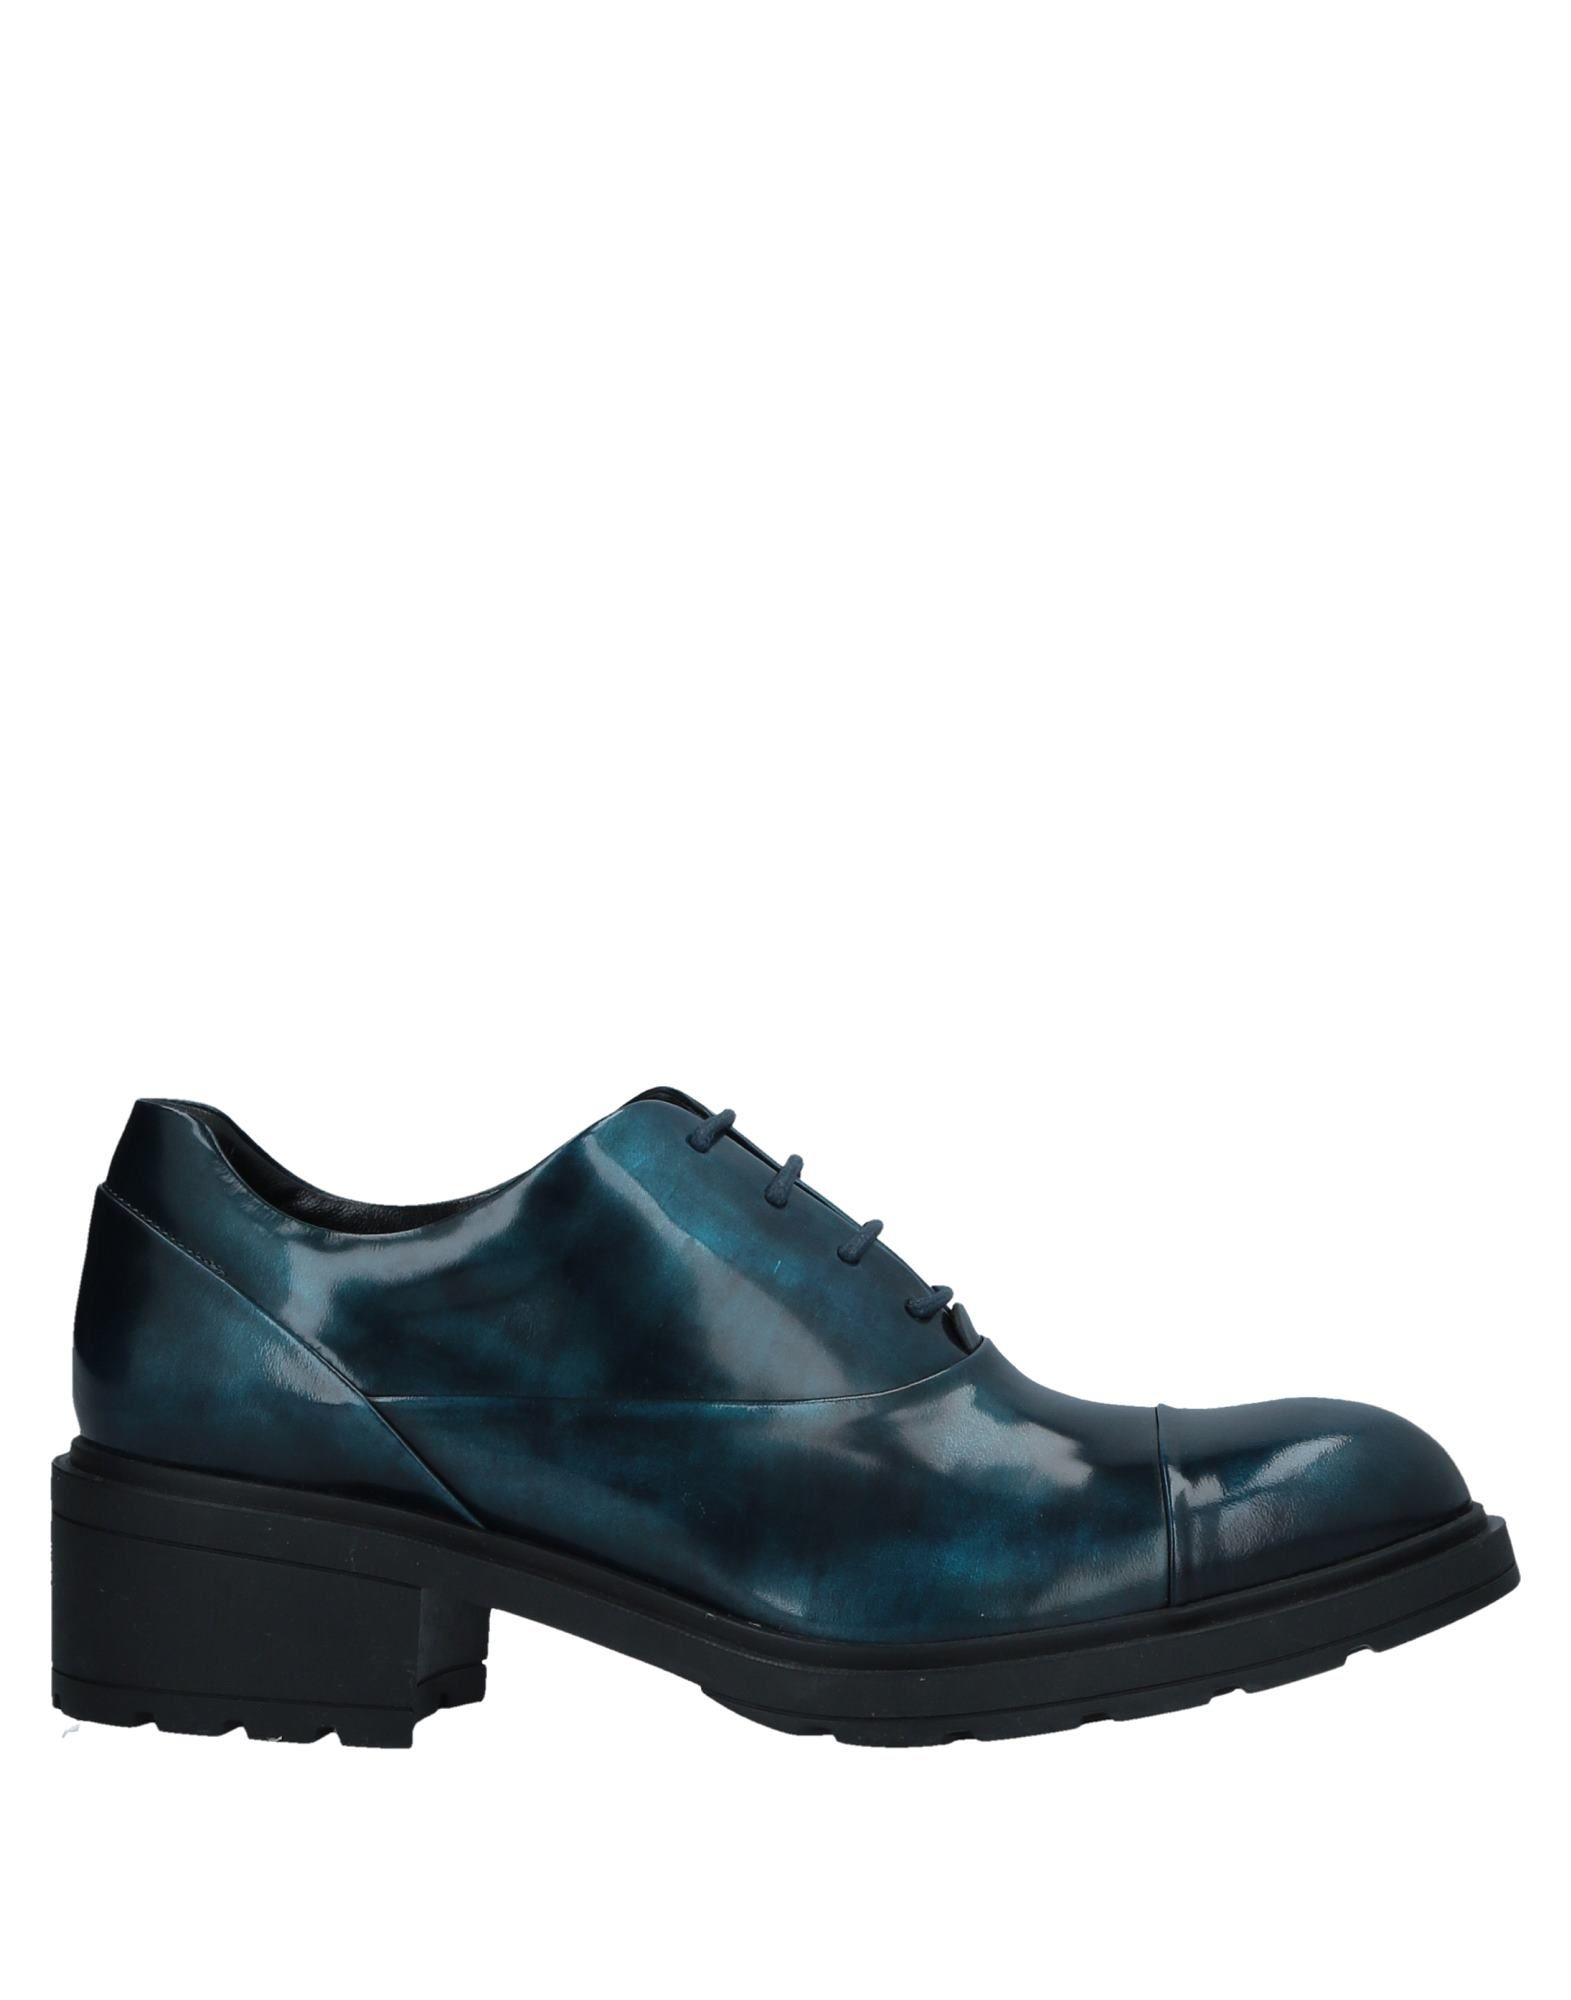 Hogan Schnürschuhe Damen  11536685SXGut aussehende strapazierfähige Schuhe